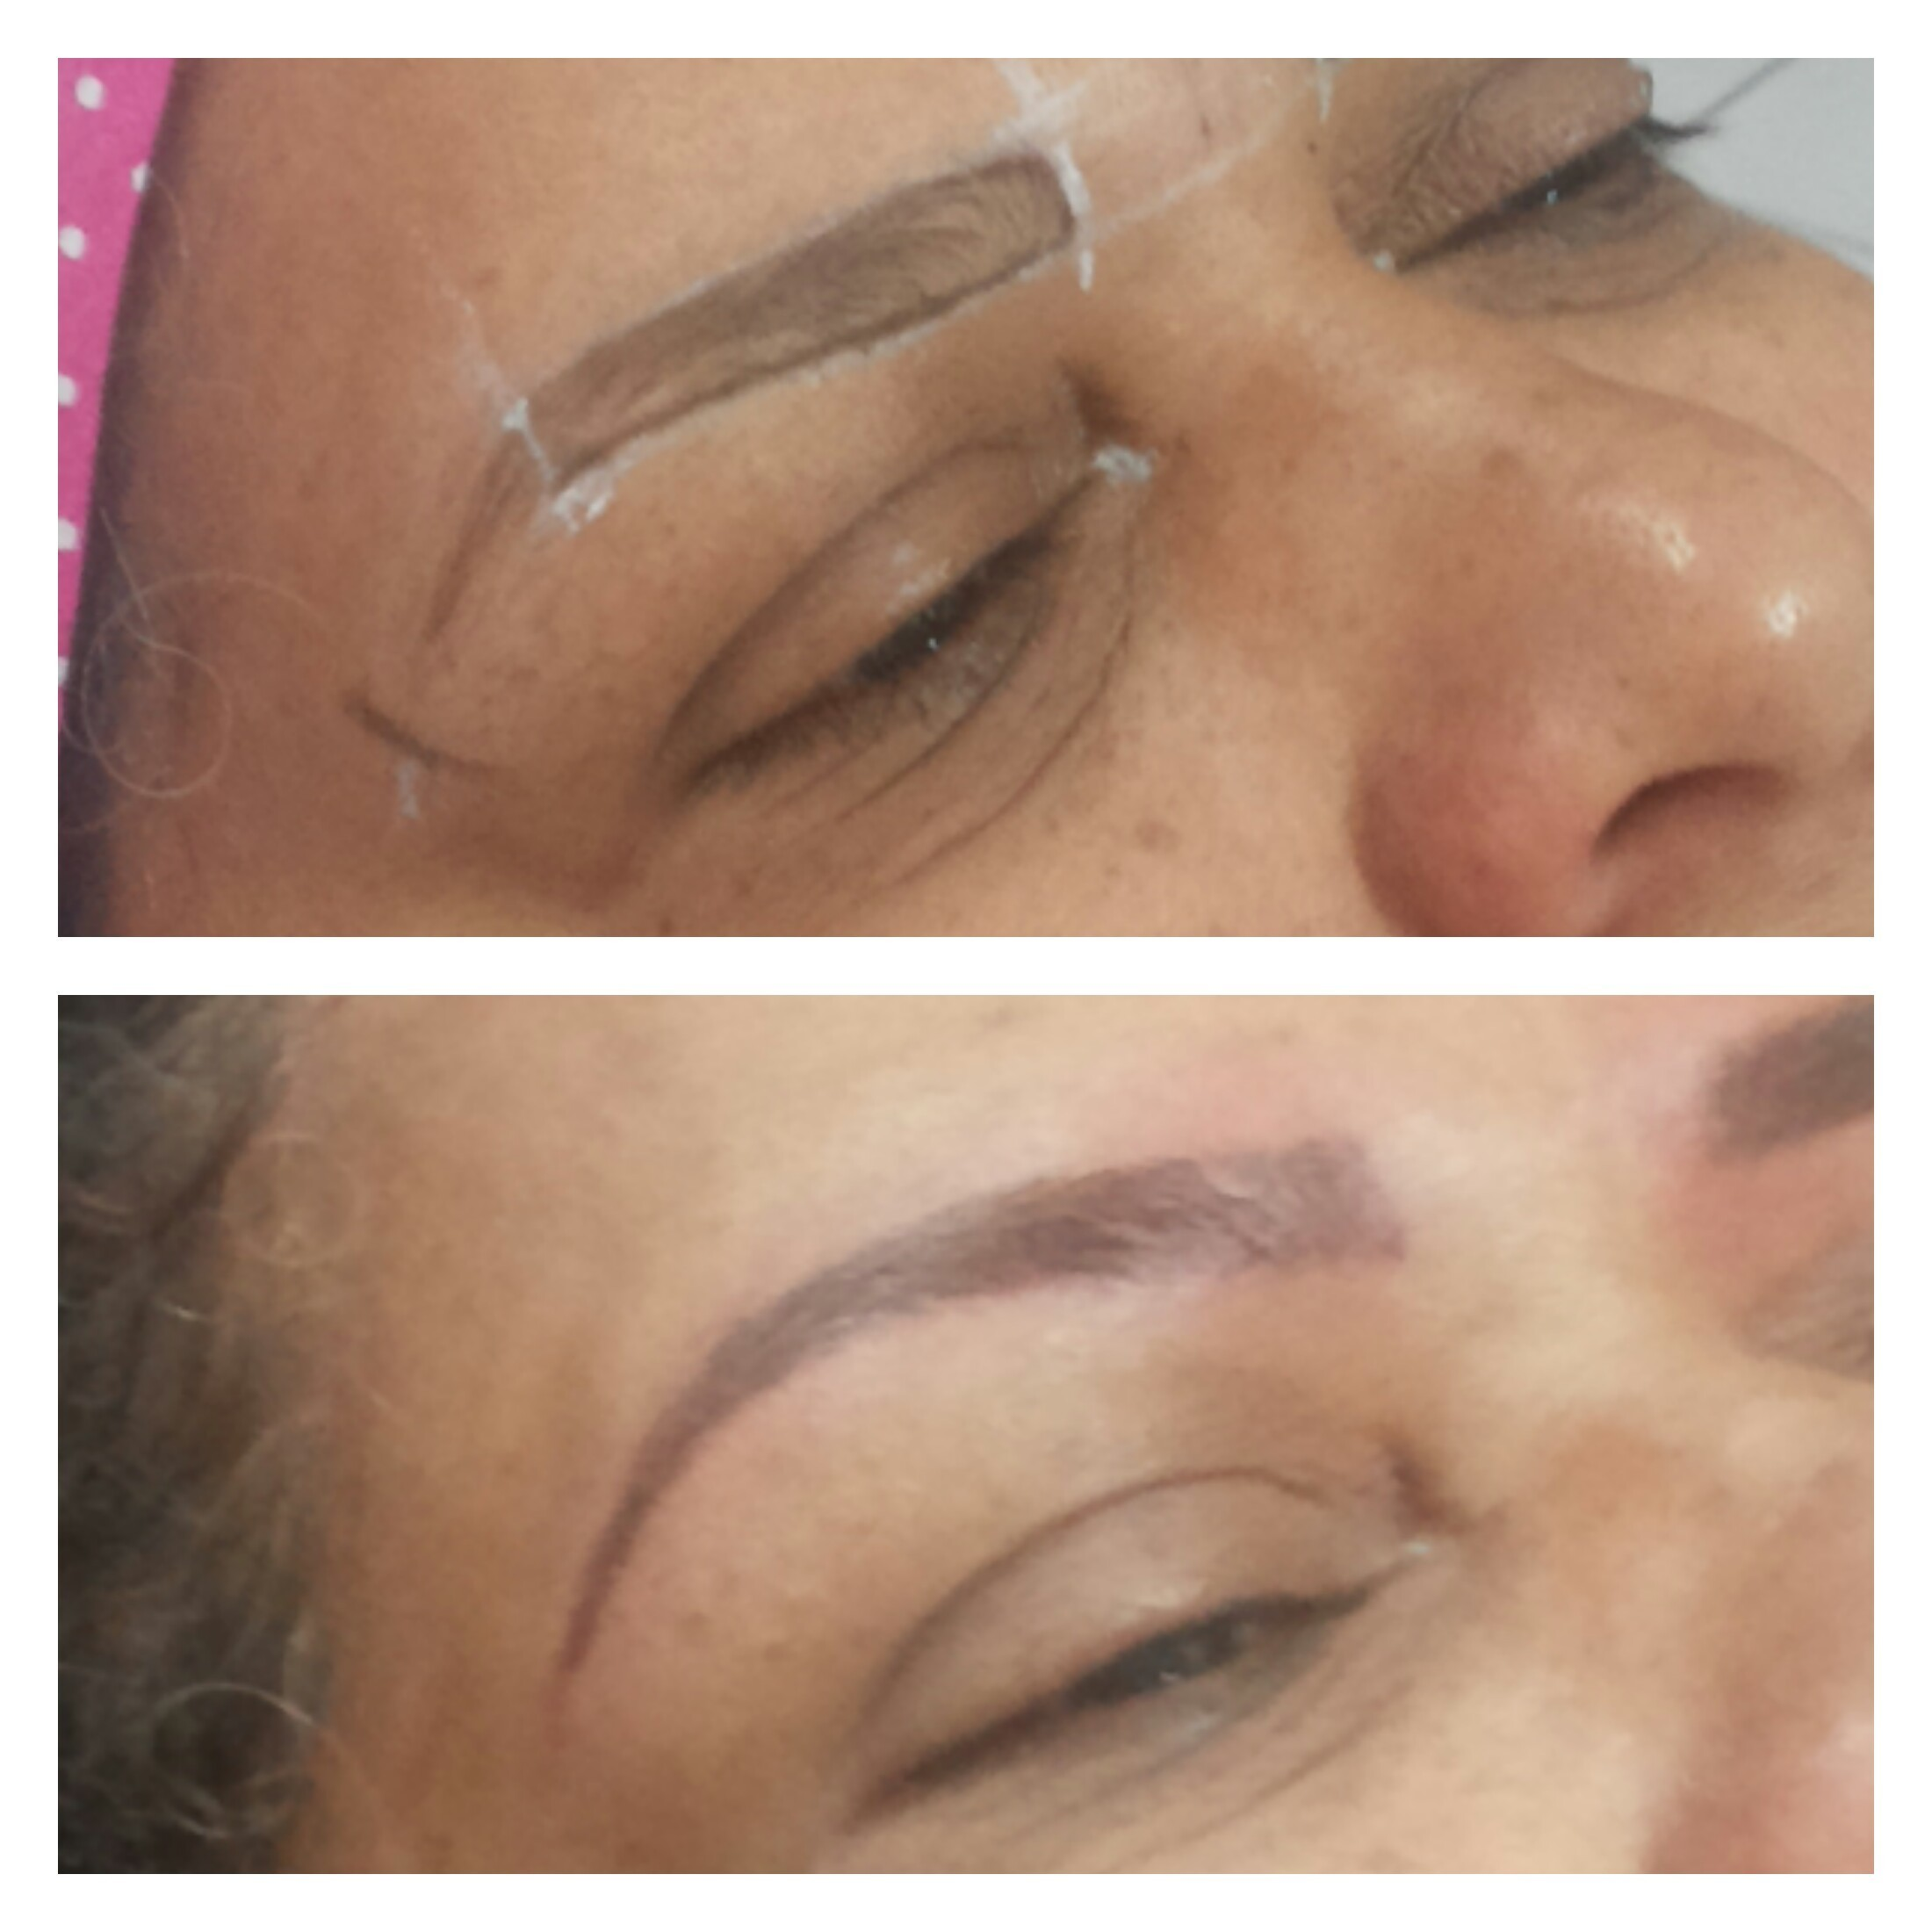 trabalhos de Micropigmentação designer de sobrancelha depilador(a) designer de sobrancelhas micropigmentador(a) manicure e pedicure